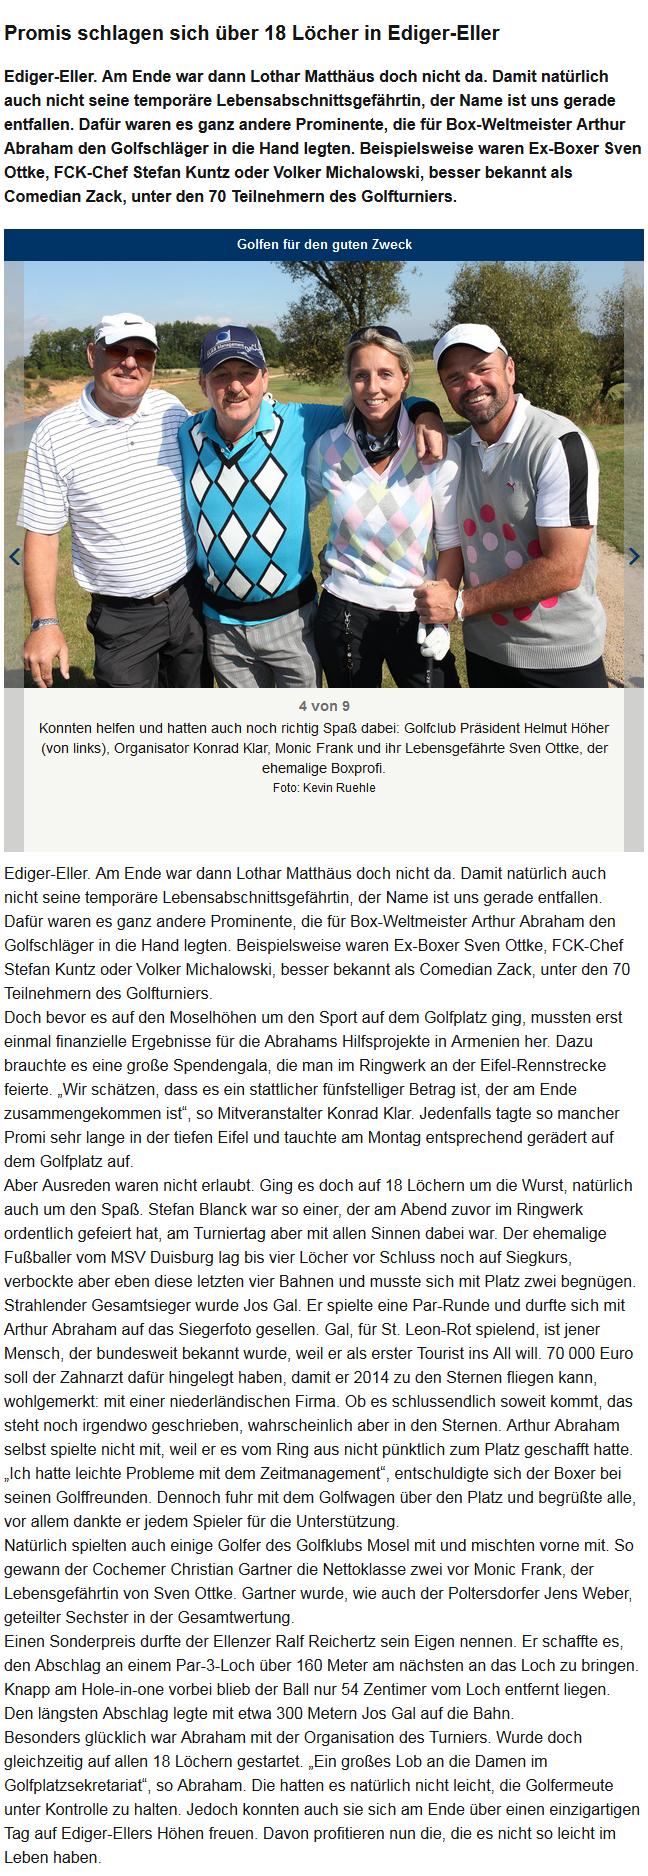 Promis schlagen sich über 18 Löcher in Ediger-Eller - Rhein-Zeitung Cochem-Zell - Rhein-Zeitung